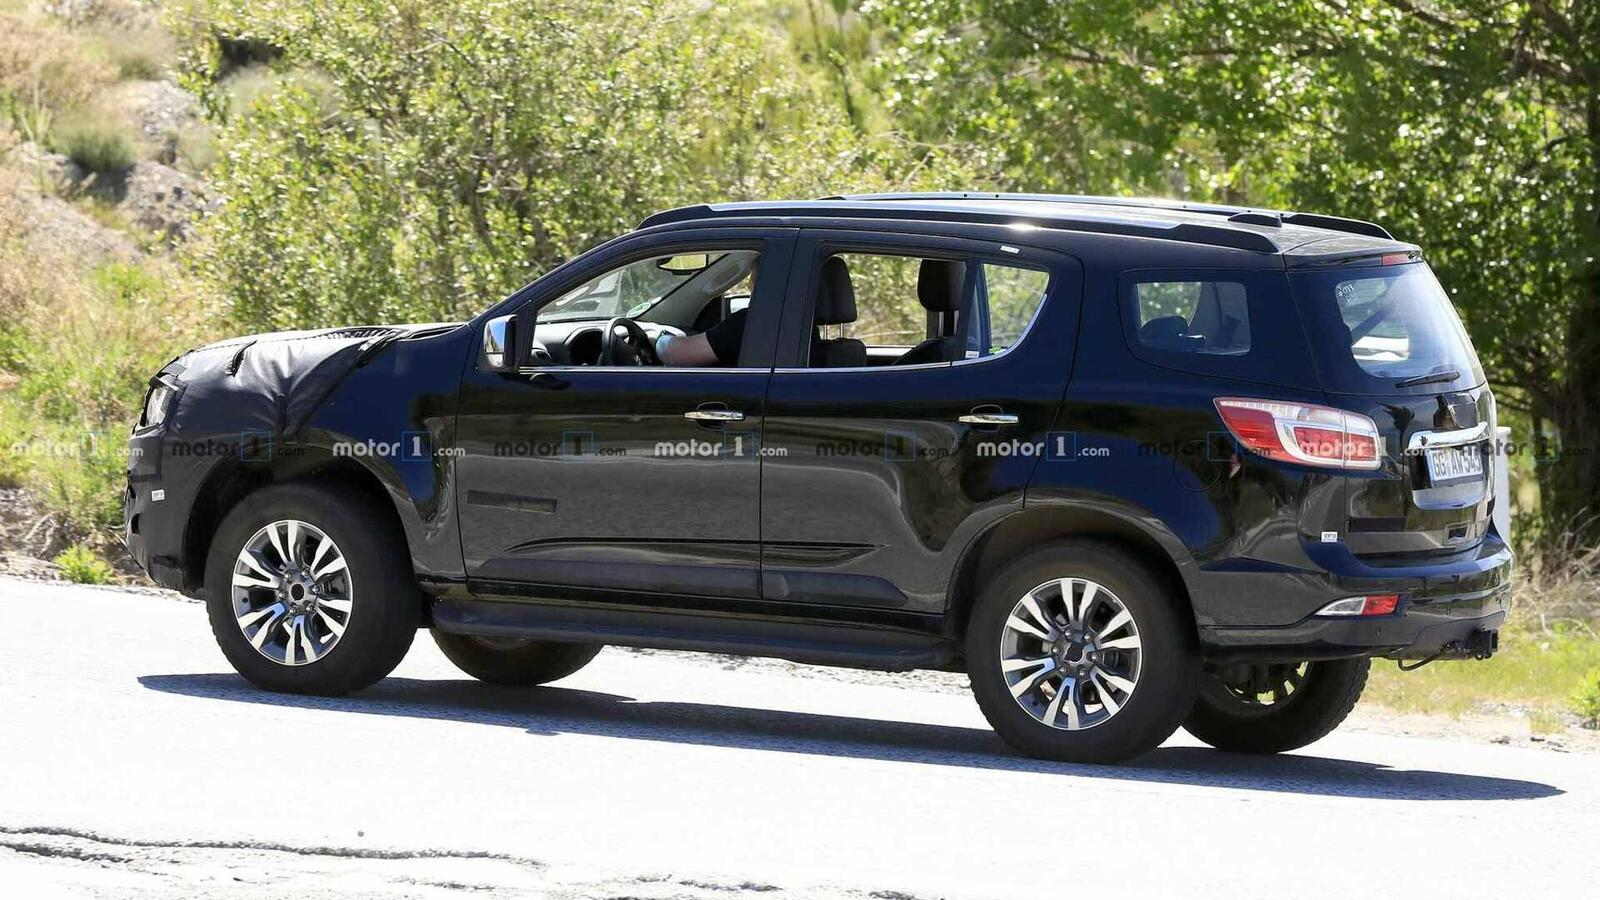 Chevrolet đang nâng cấp cho Trailblazer và có thể đưa về Mỹ trong tương lai gần - Hình 6